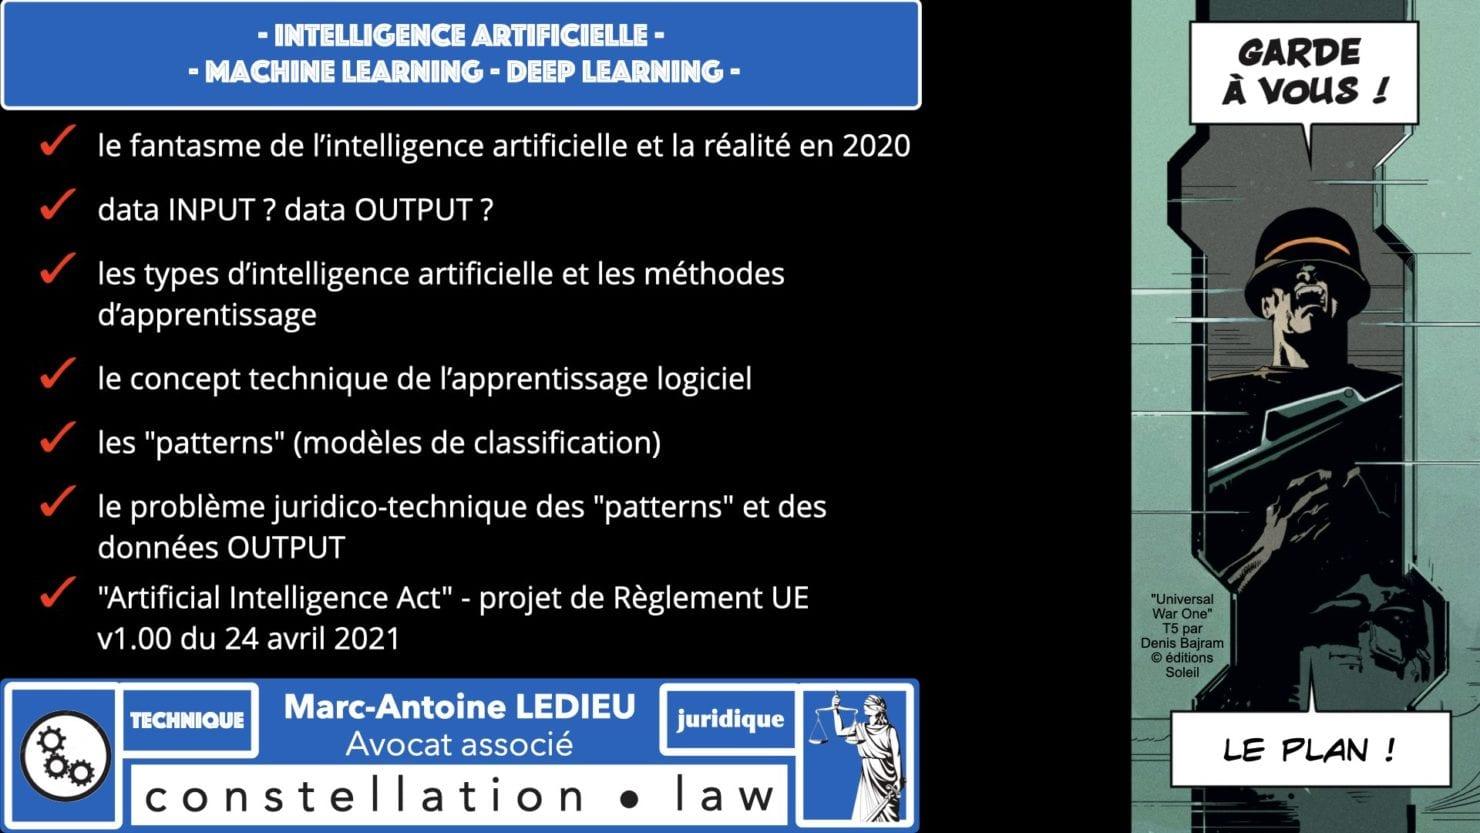 335 Intelligence Artificielle 2021 et AI Act [projet de Règlement UE] deep learning machine learning © Ledieu-Avocats 04-06-2021 *16:9*.011